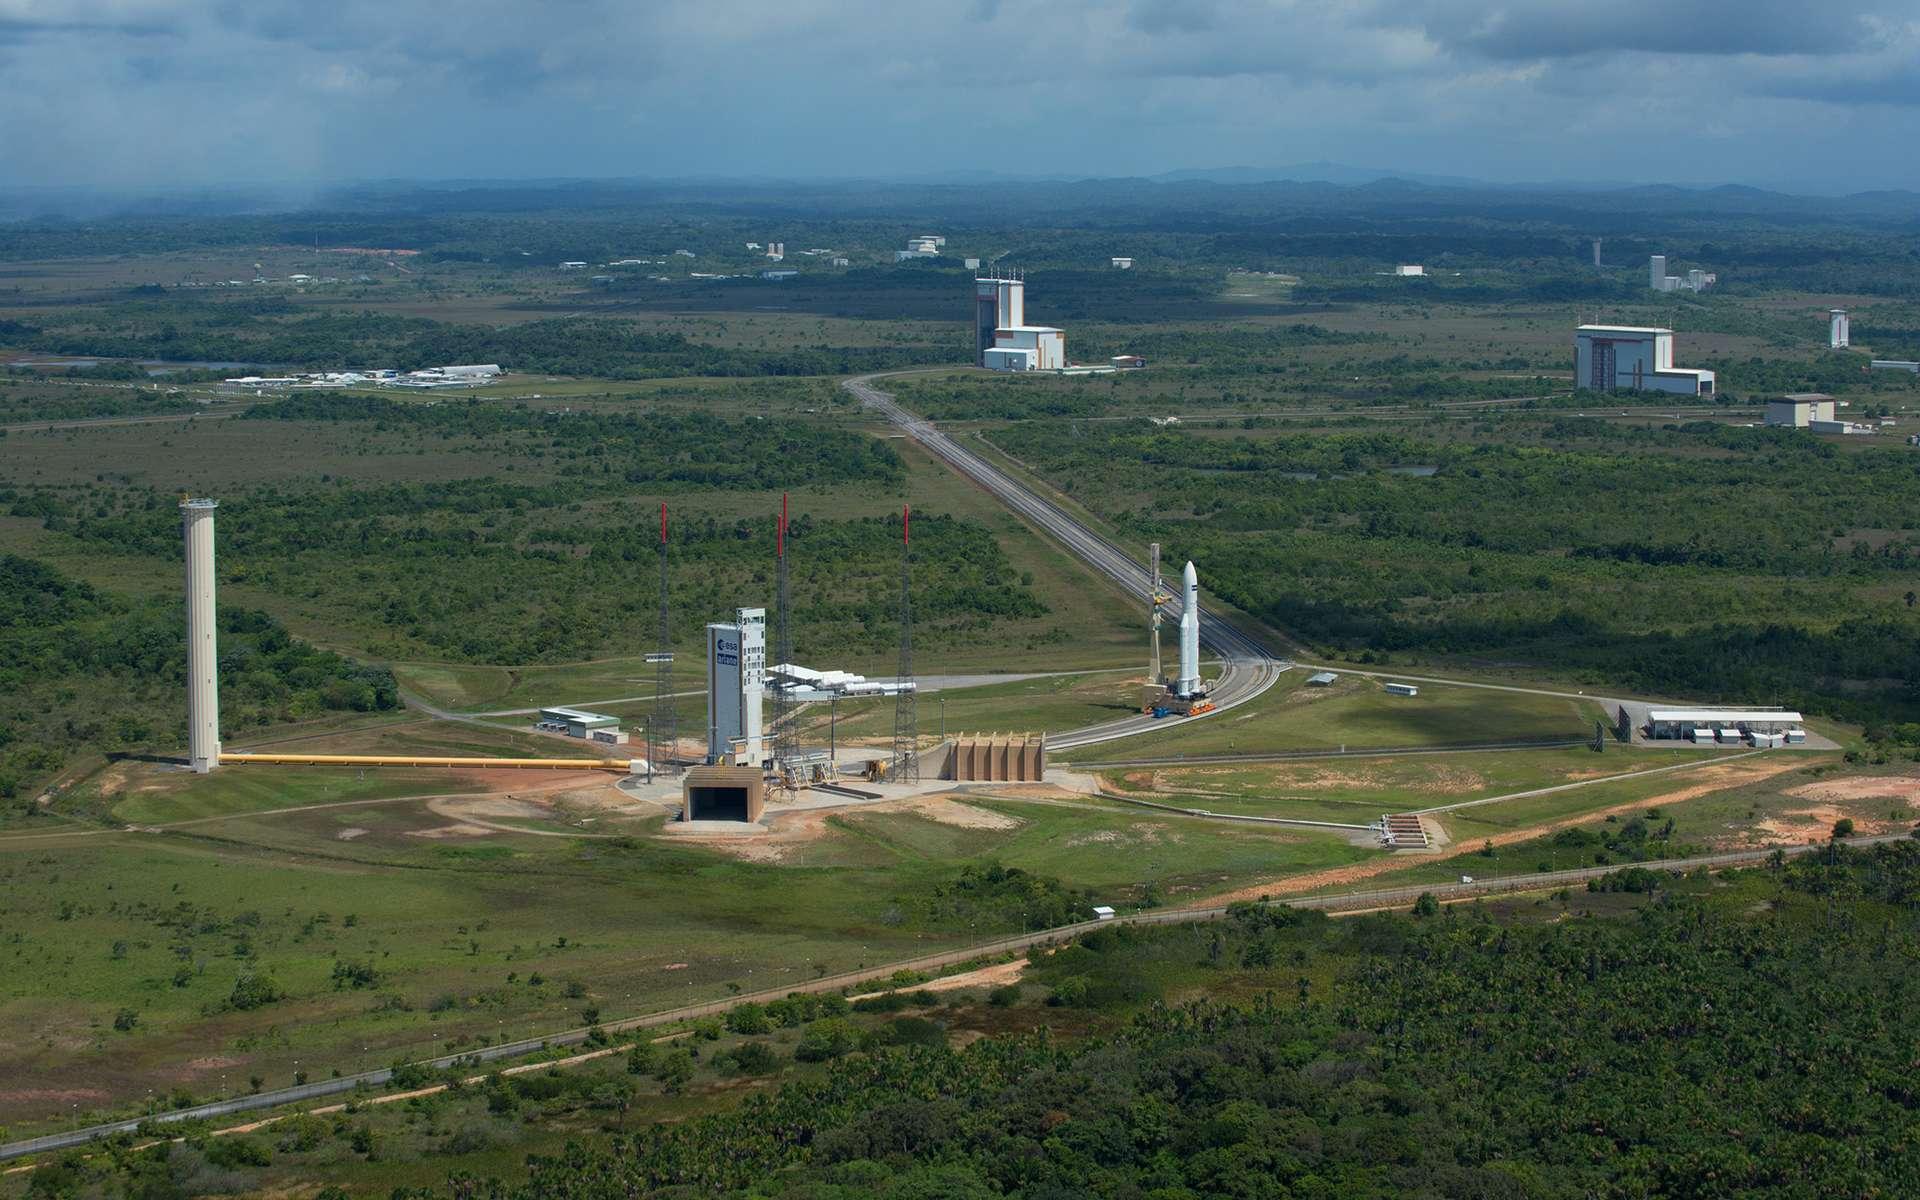 Transfert d'une Ariane 5 sur son pas de tir (ELA-3) du Centre spatial Guyanais. © Esa, S. Corvaja